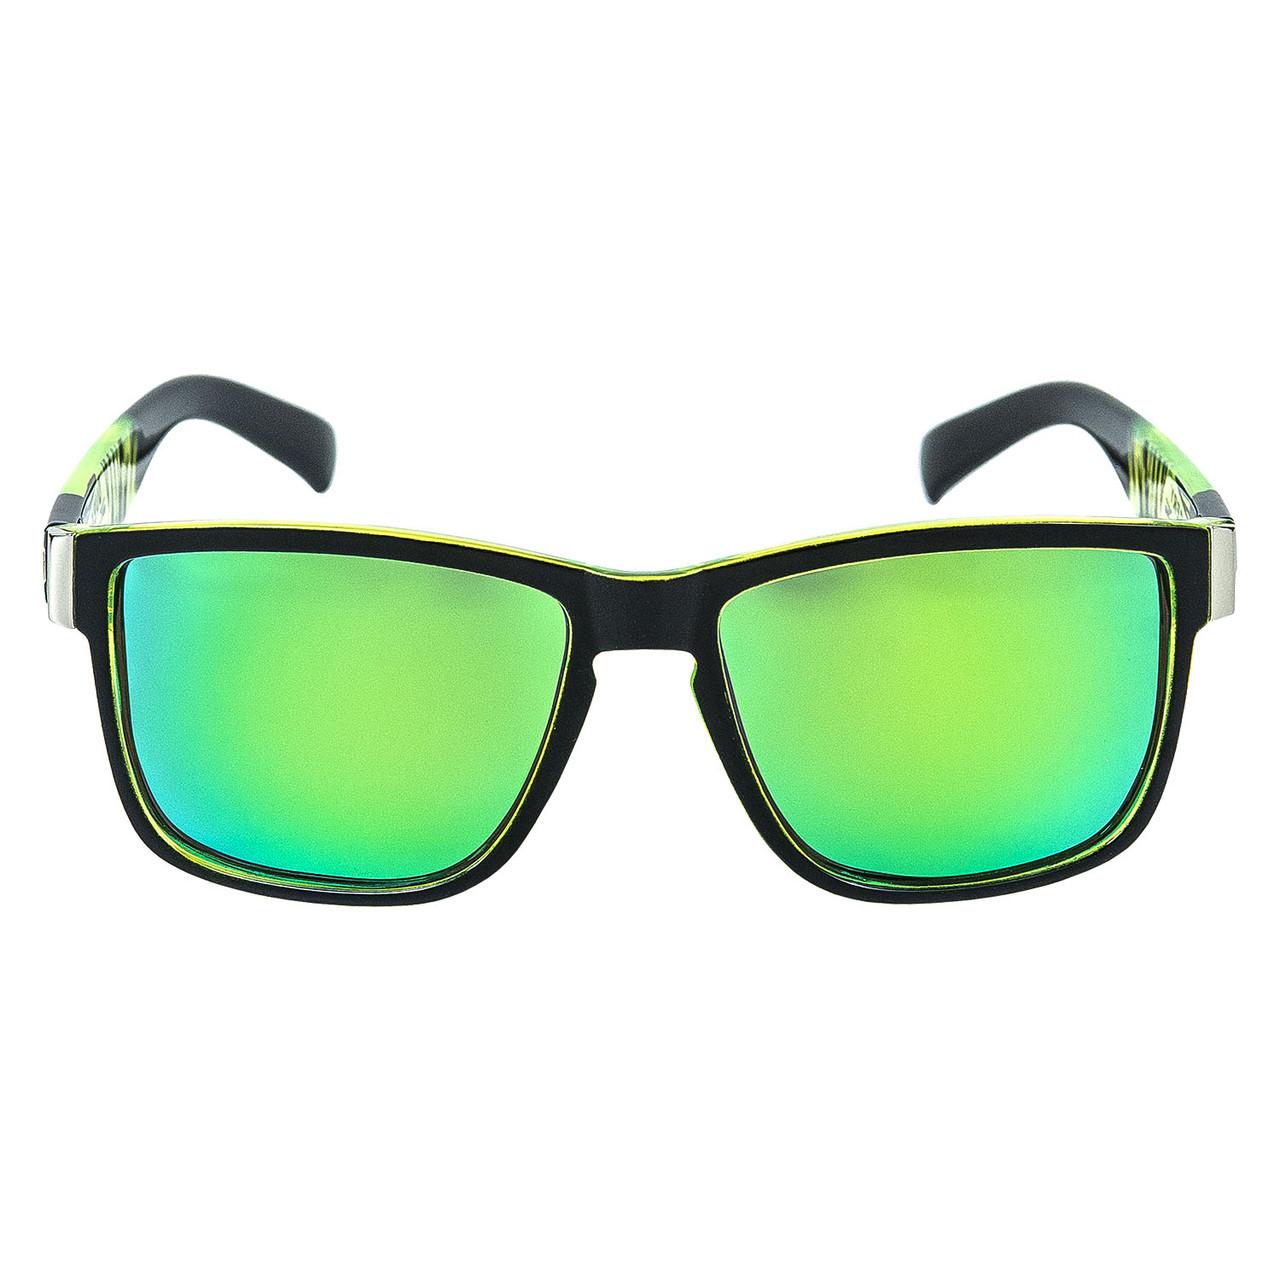 Солнцезащитные очки с поляризацией 400 UVA Dubery зеленые